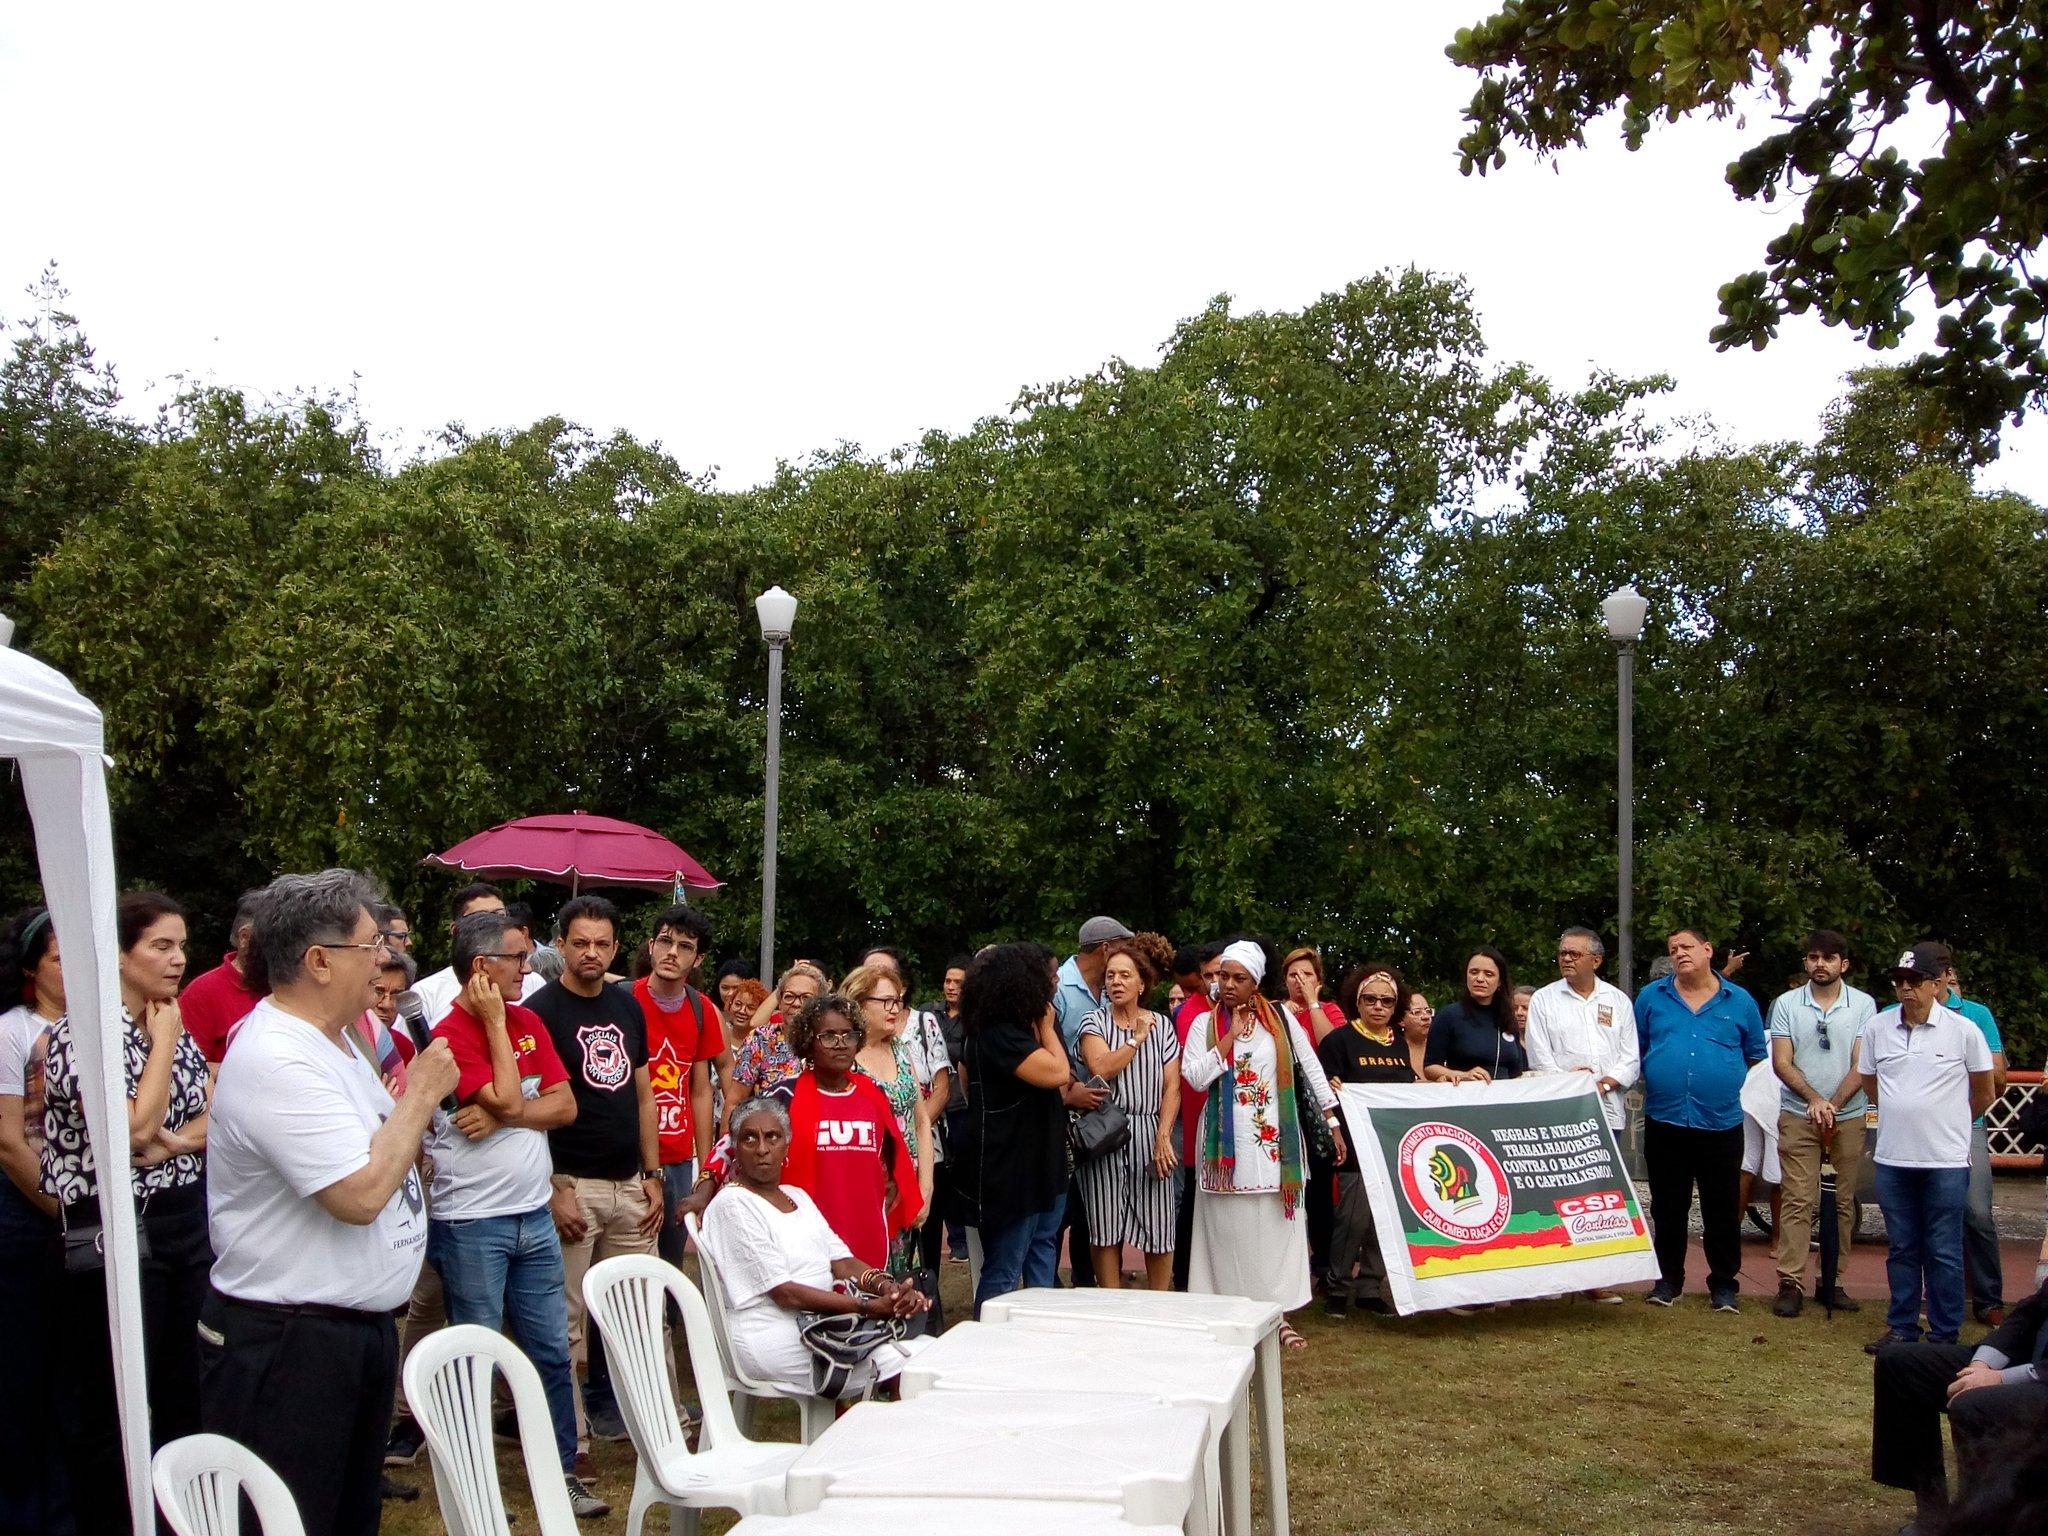 No ato, presidenta nacional do PCdoB disse ser provável que um pedido de impeachment de Bolsonaro seja protocolado em breve - Créditos: Brasil de Fato Pernambuco